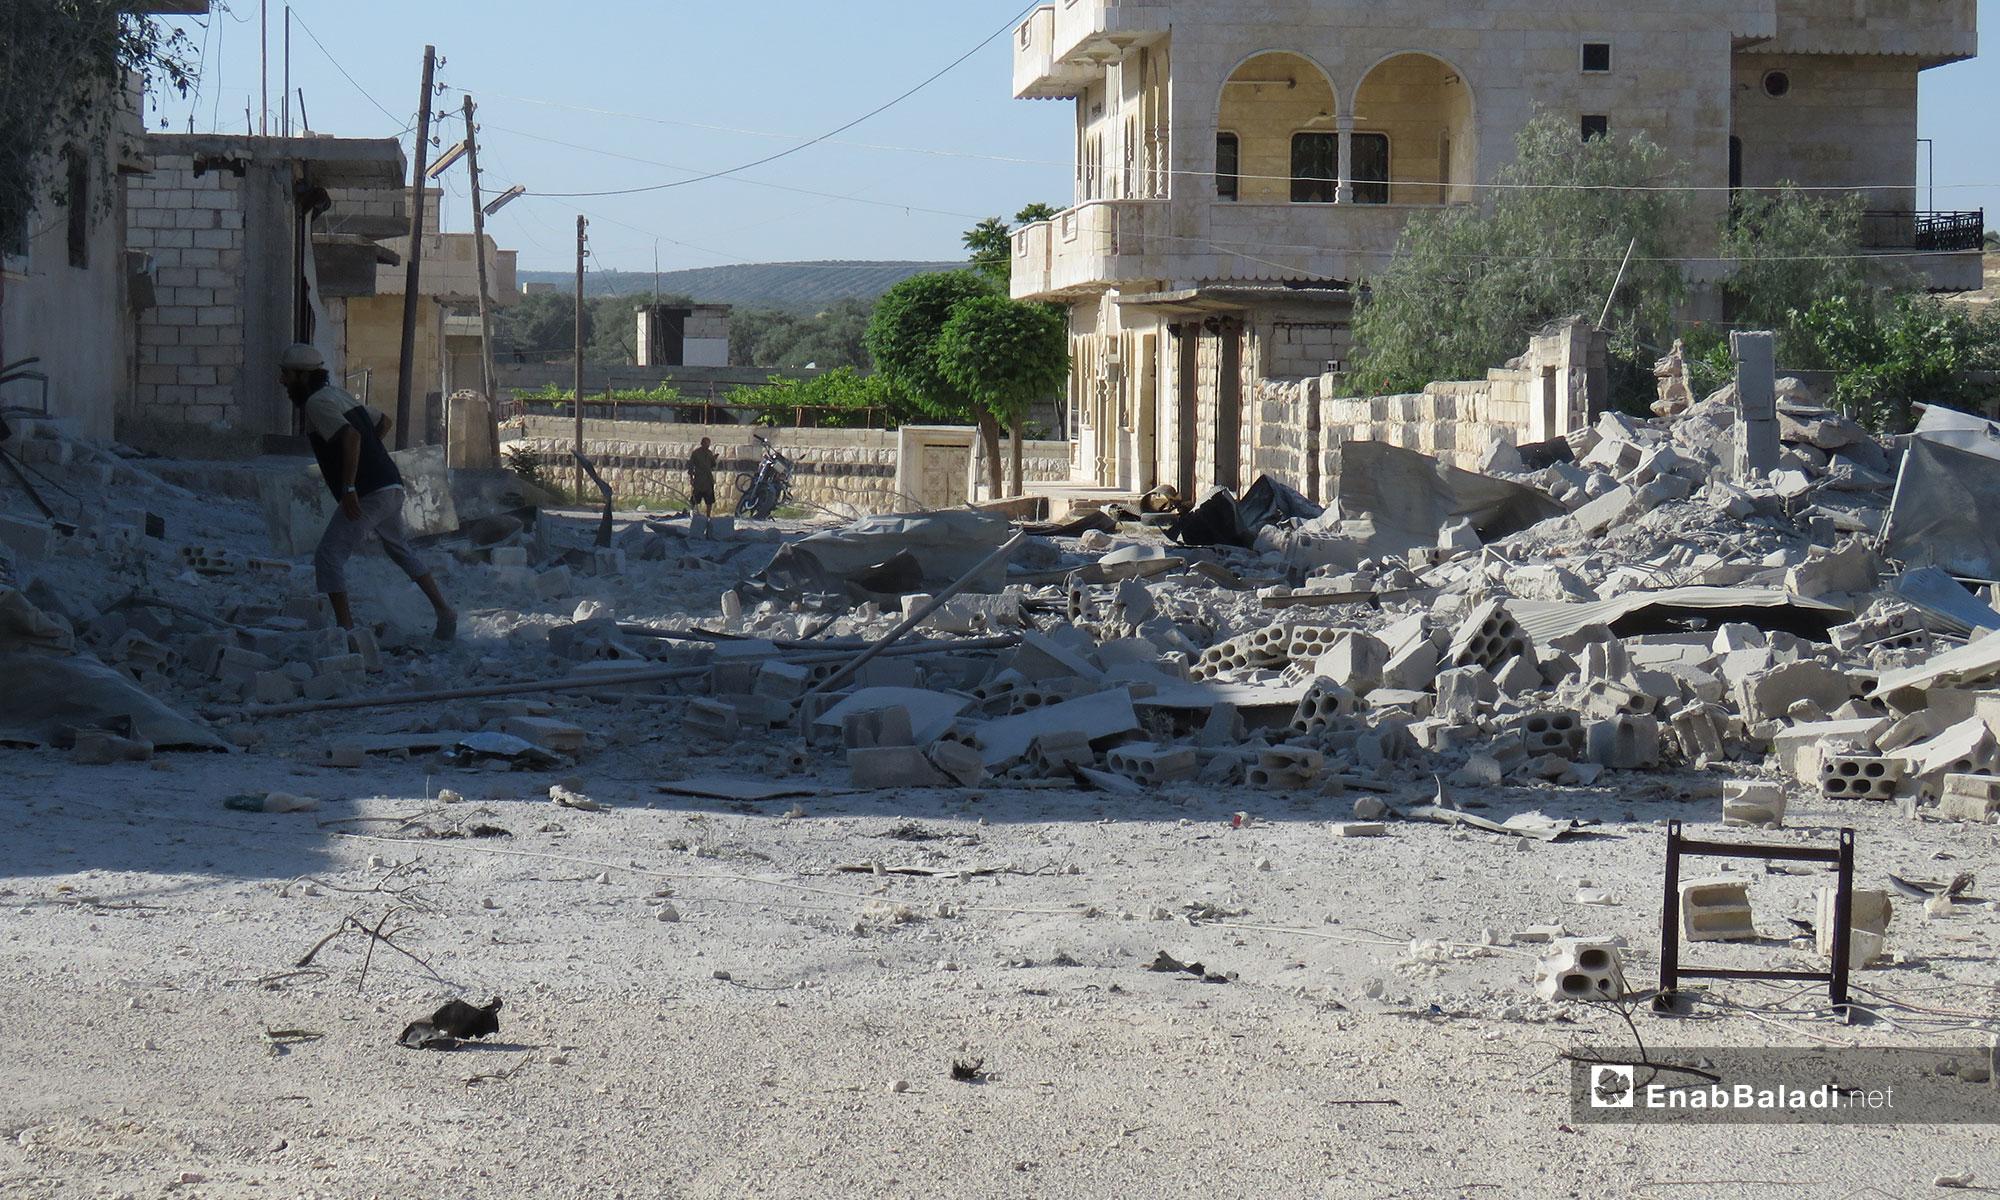 آثار الدمار في معرتحرمة بريف إدلب - 27 من أيار 2019 (عنب بلدي)